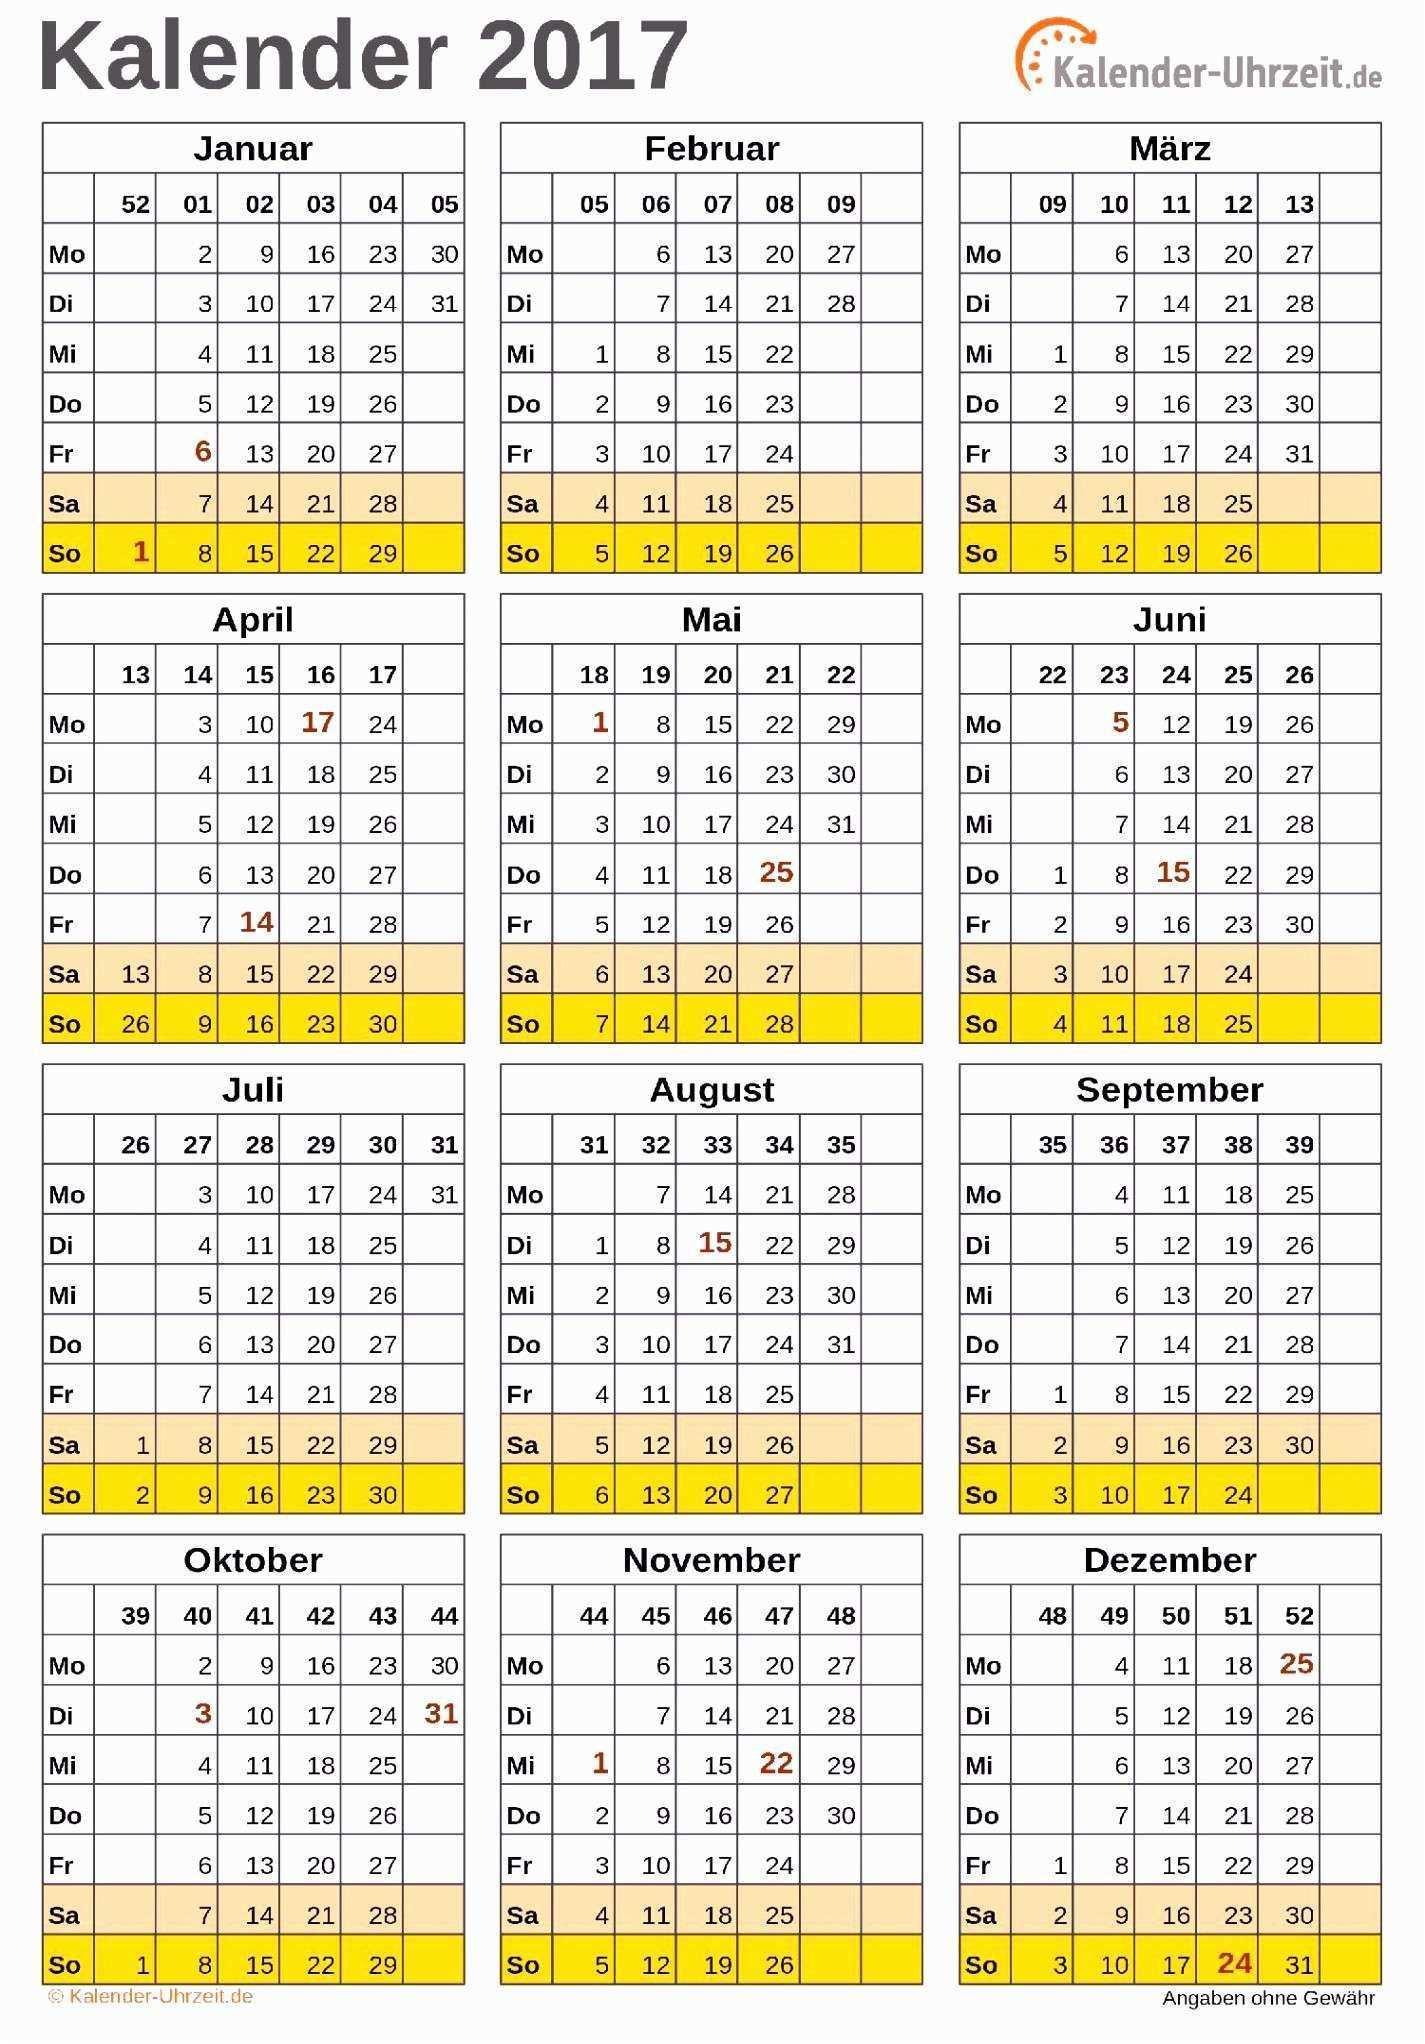 Liebenswert Gewinn Verlustrechnung Vorlage Kalender Vorlagen Gewinn Kalender Liebenswert Verlustrechnung In 2020 Kalender Vorlagen Vorlagen Kalender 2017